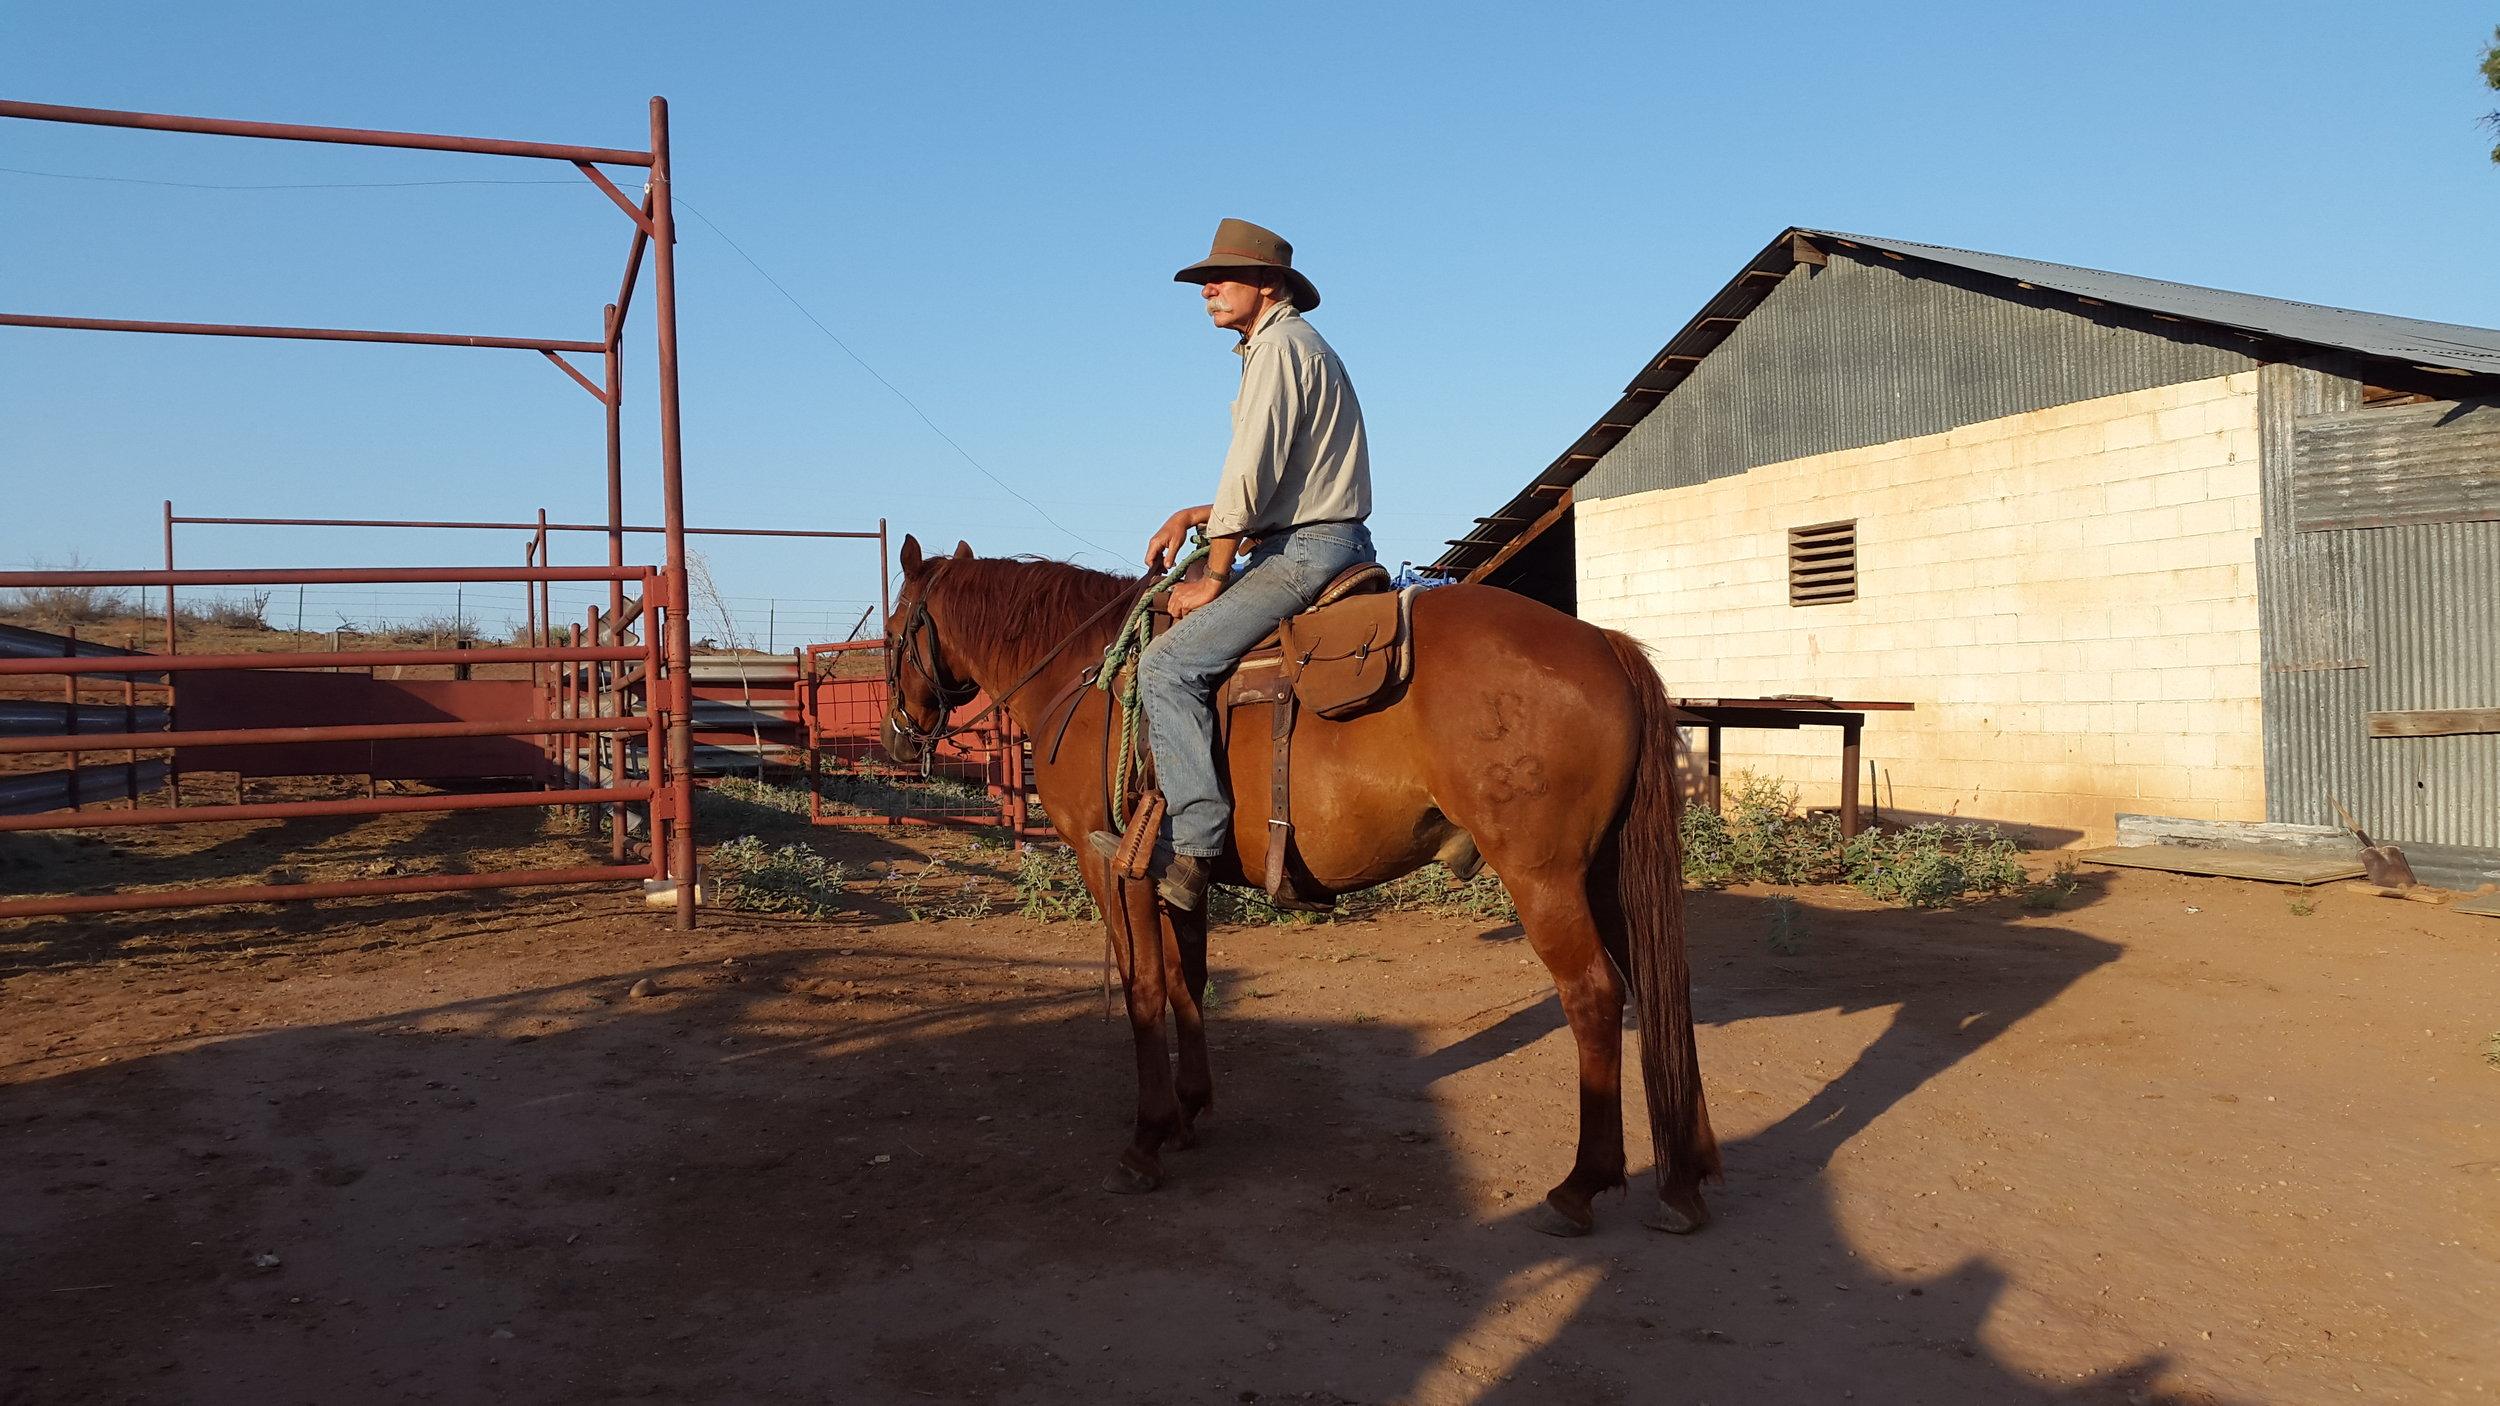 Paul on Butch was also with us, I just did not get a chance of a picture during the cattle drive ;-)  Paul auf Butch war auch dabei, ich hatte nur nicht die Chance während des Viehtriebs ein Foto von ihm zu machen ;-)